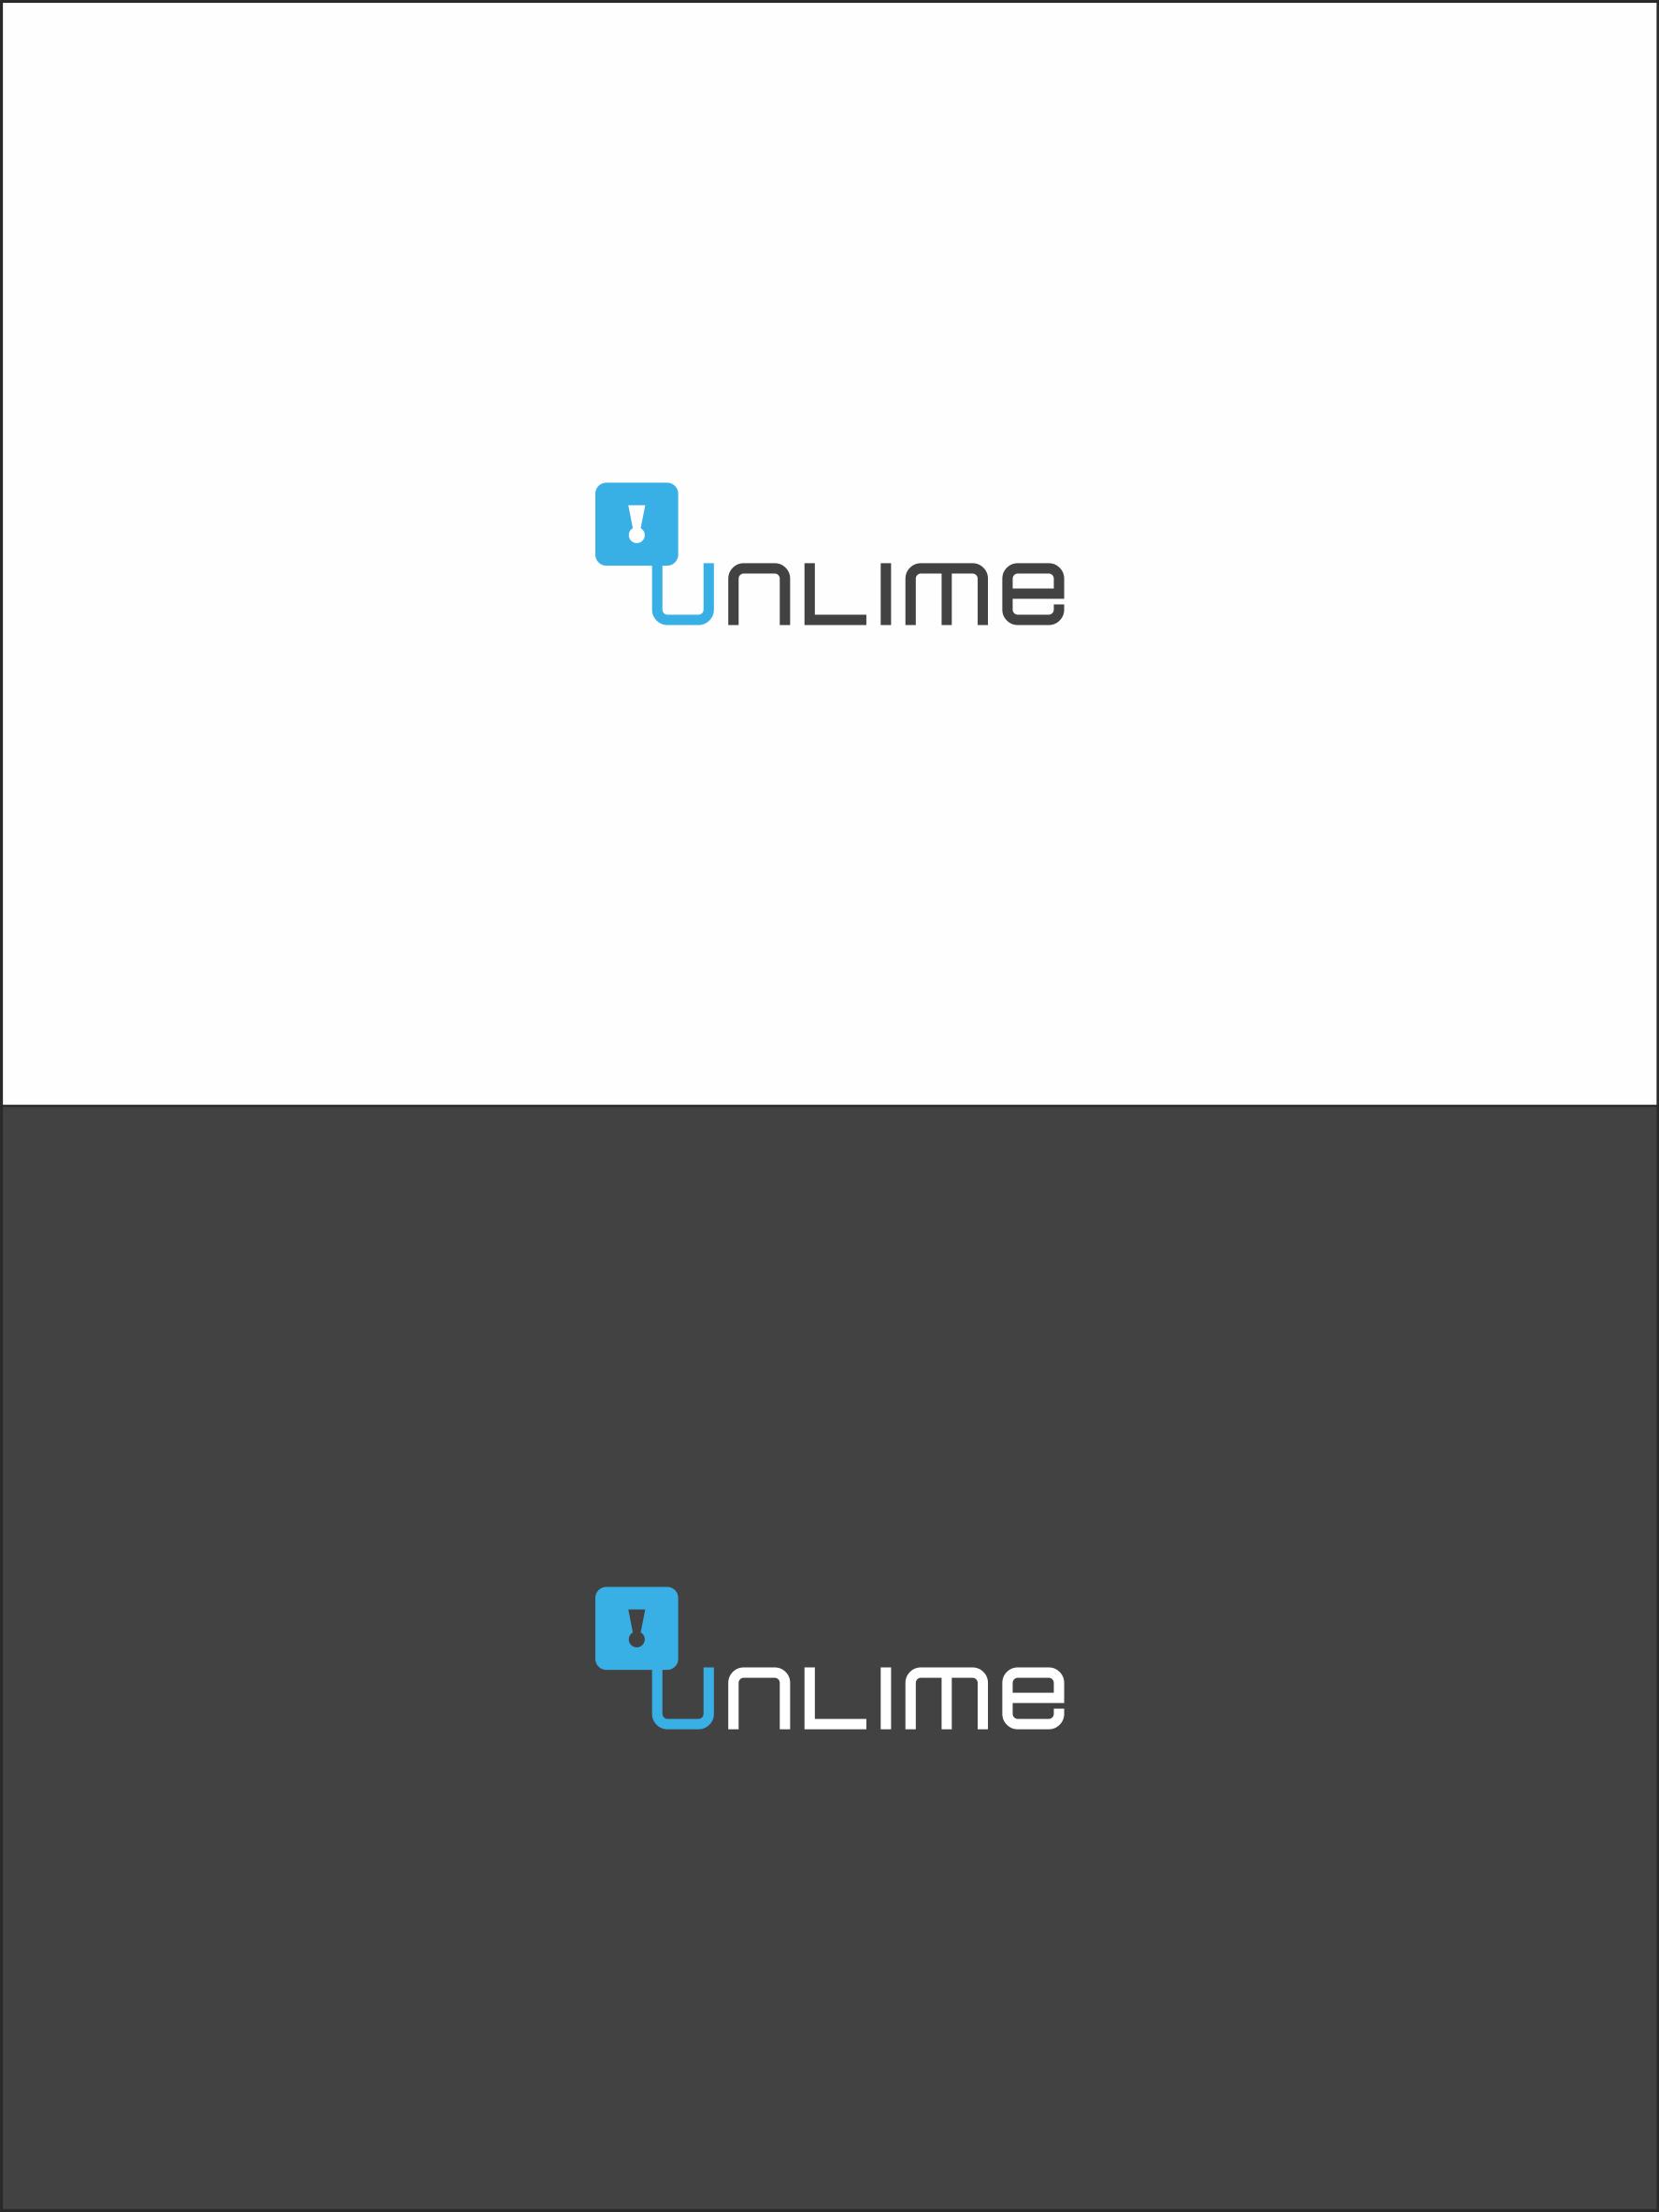 Разработка логотипа и фирменного стиля фото f_6845944af7b9f5bf.png